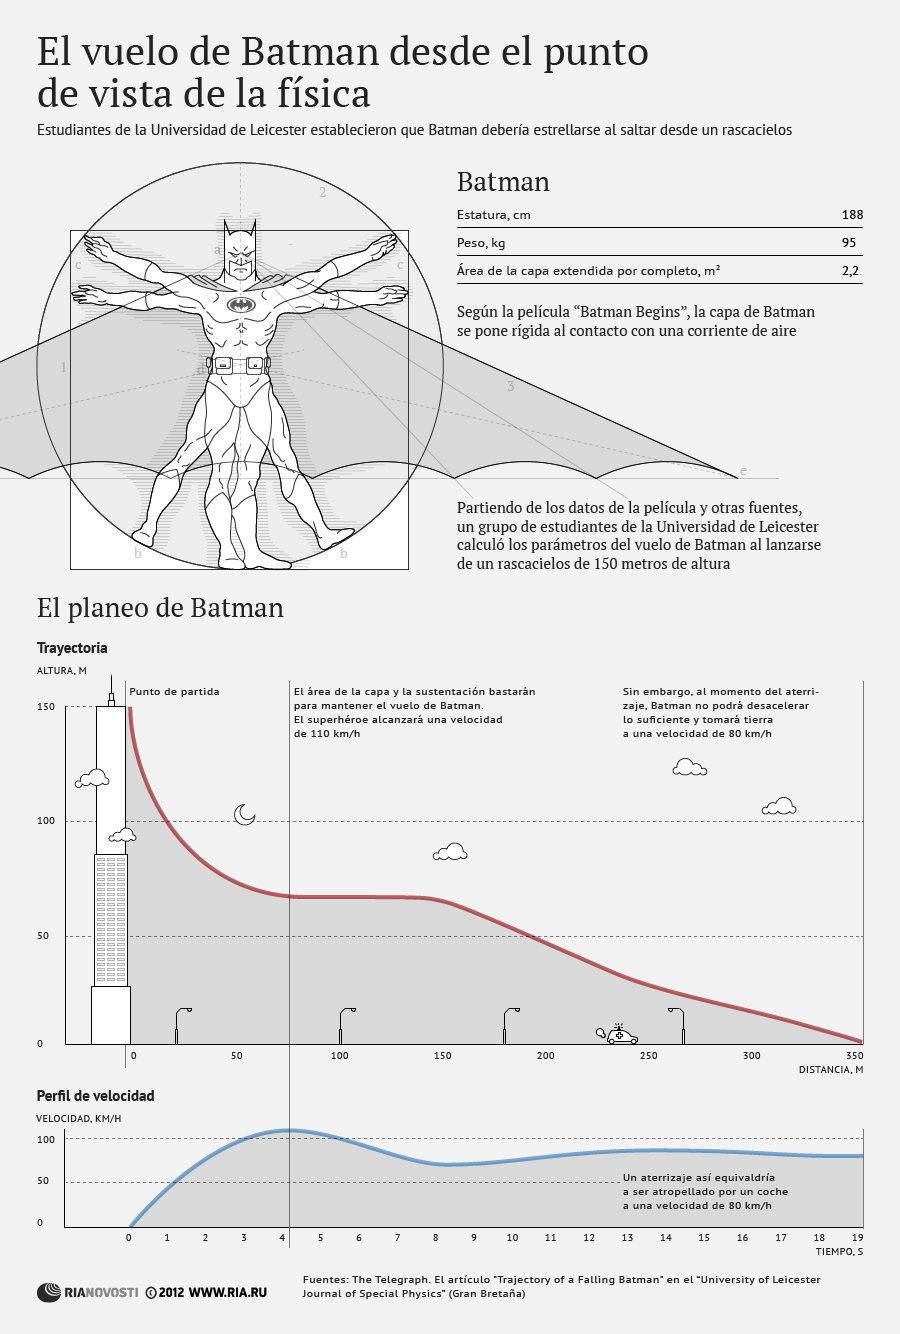 El vuelo de Batman desde el punto de vista de la física